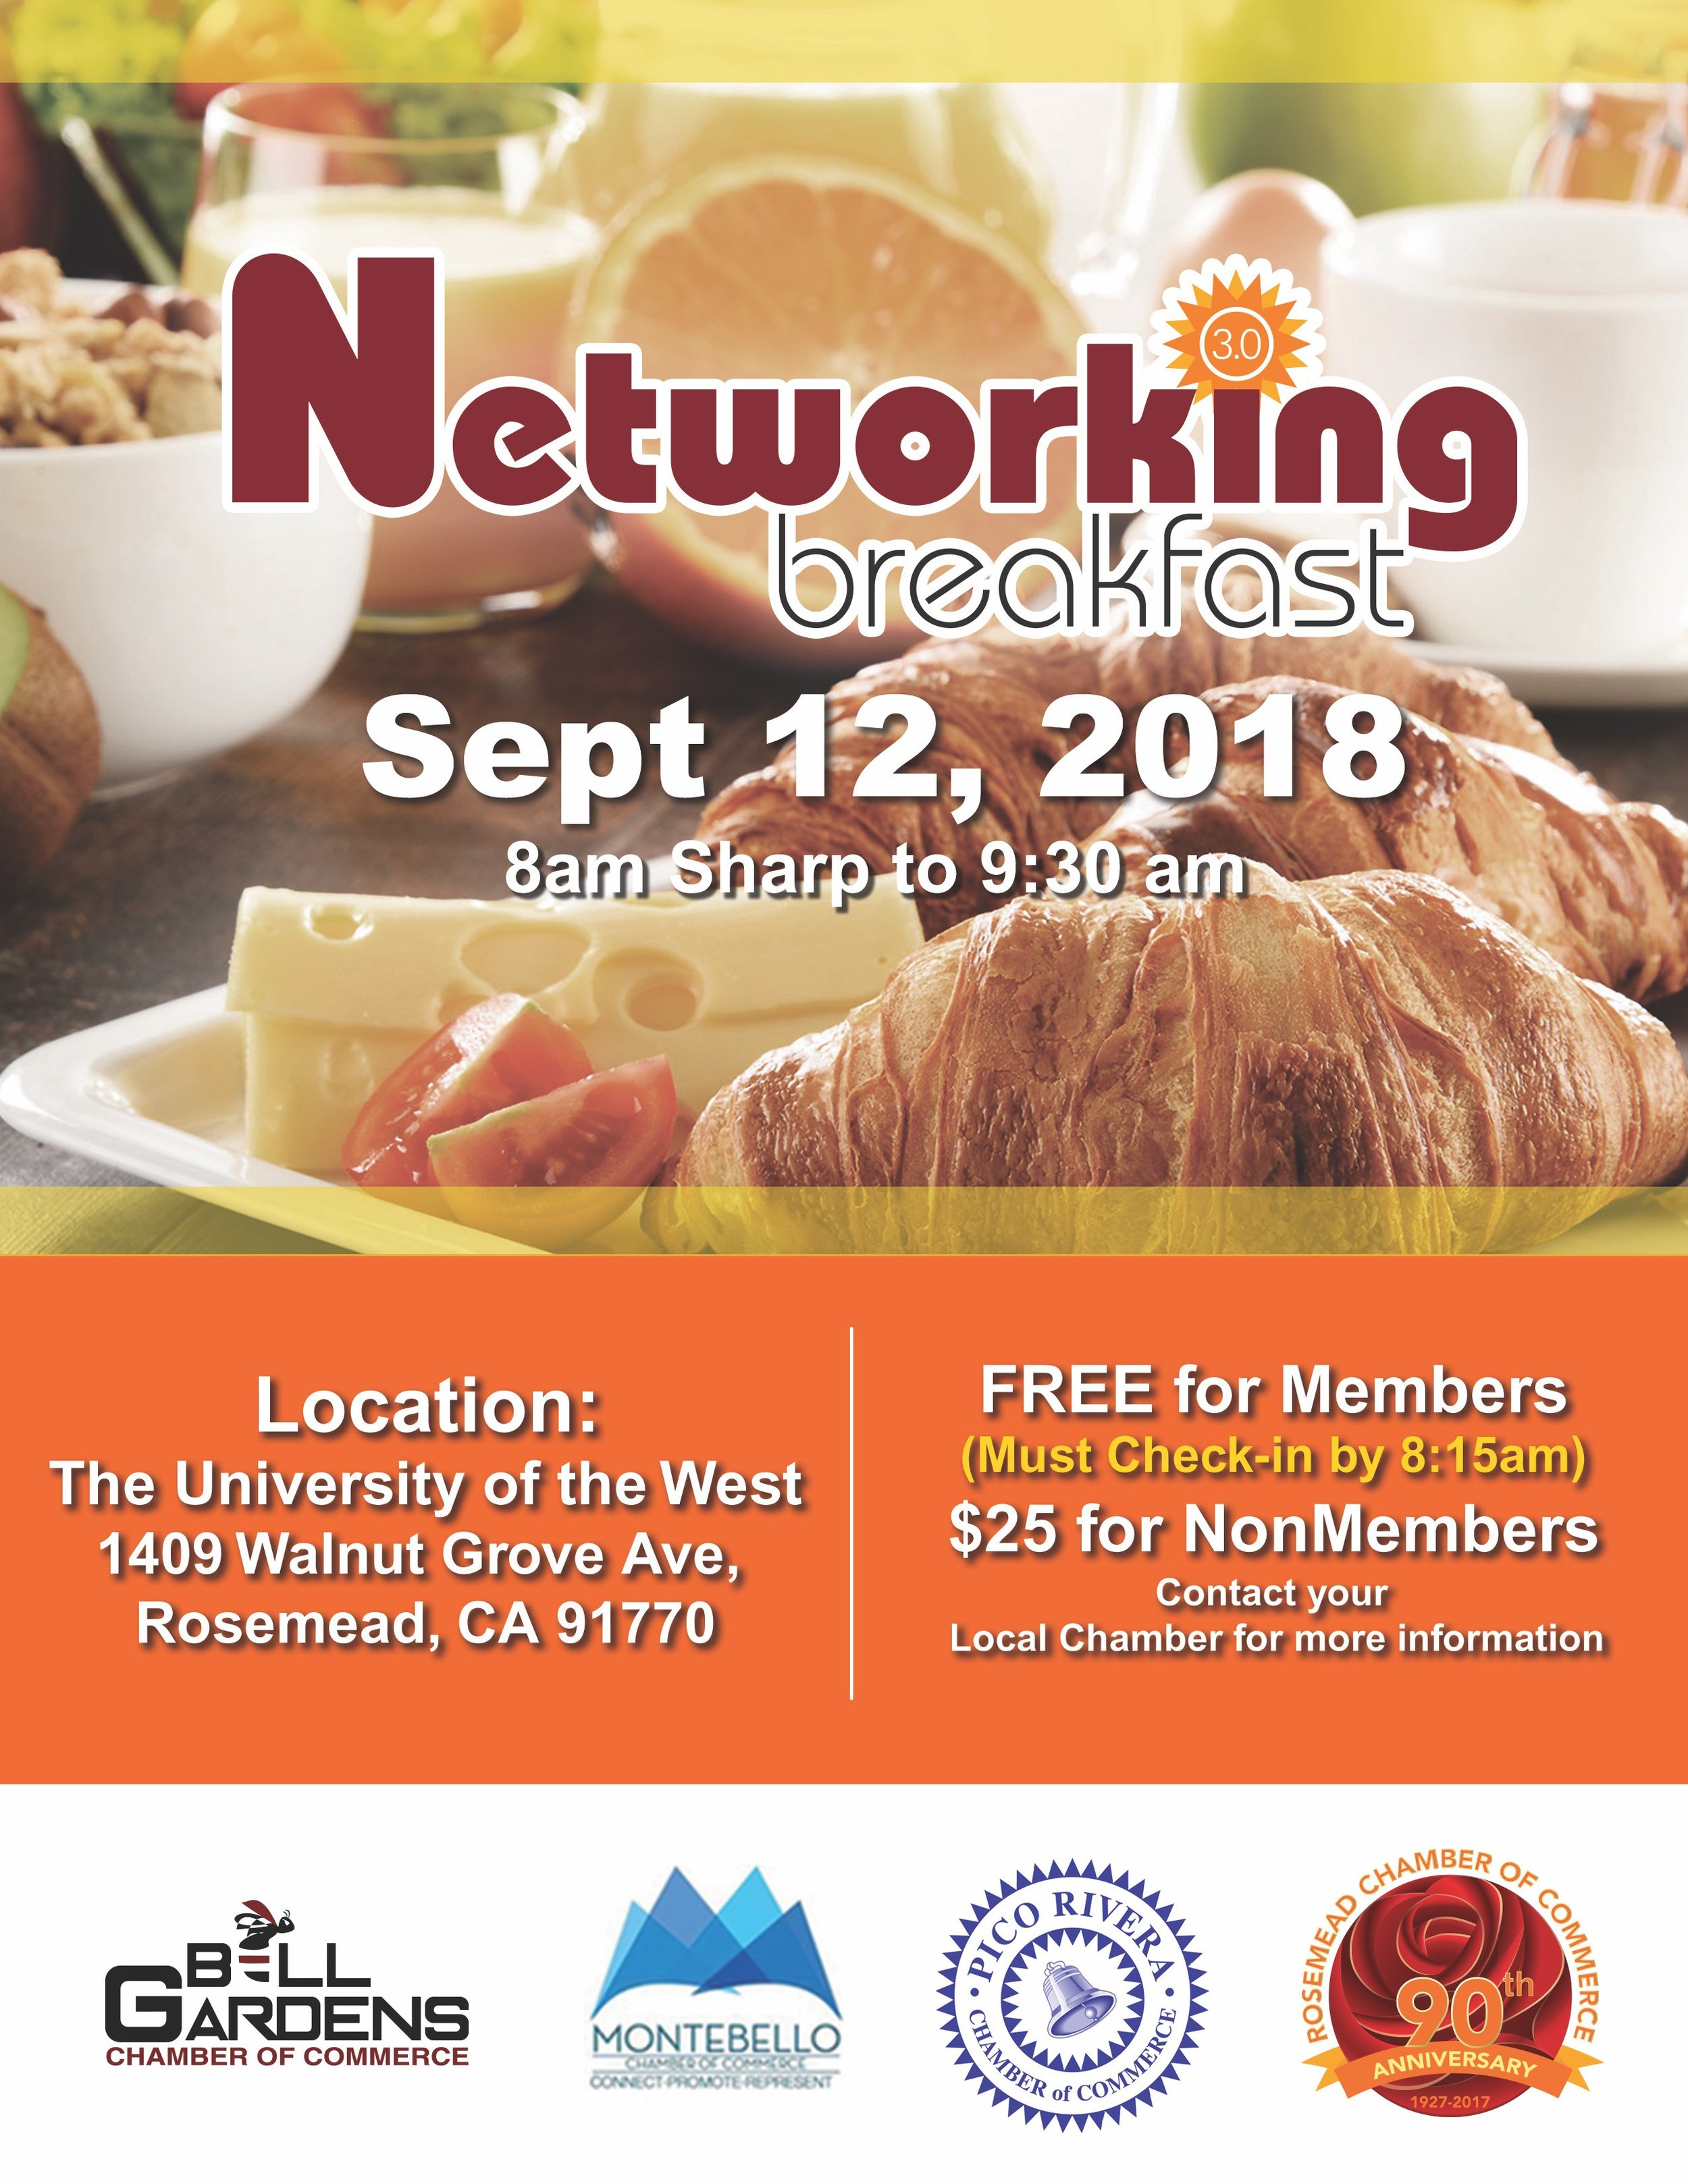 Networking breakfast 3.0 - September 12th, 2018